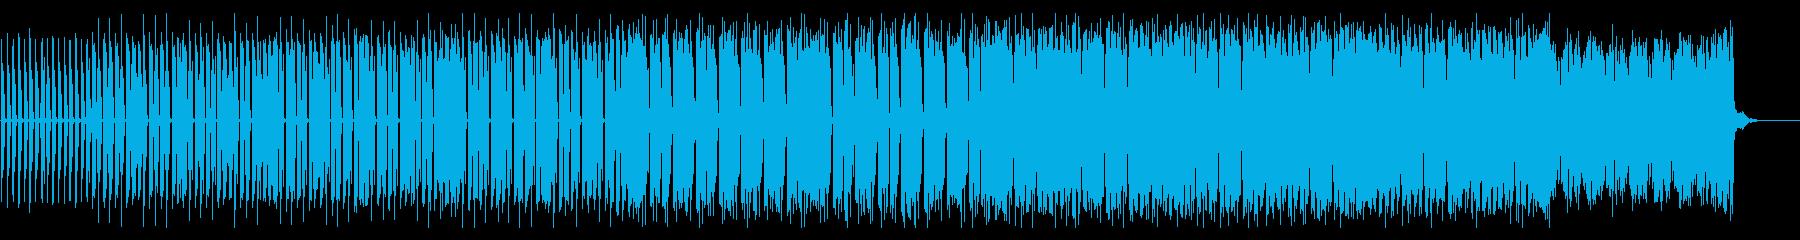 テクノ/パズル/謎解き/解説/科学/教育の再生済みの波形